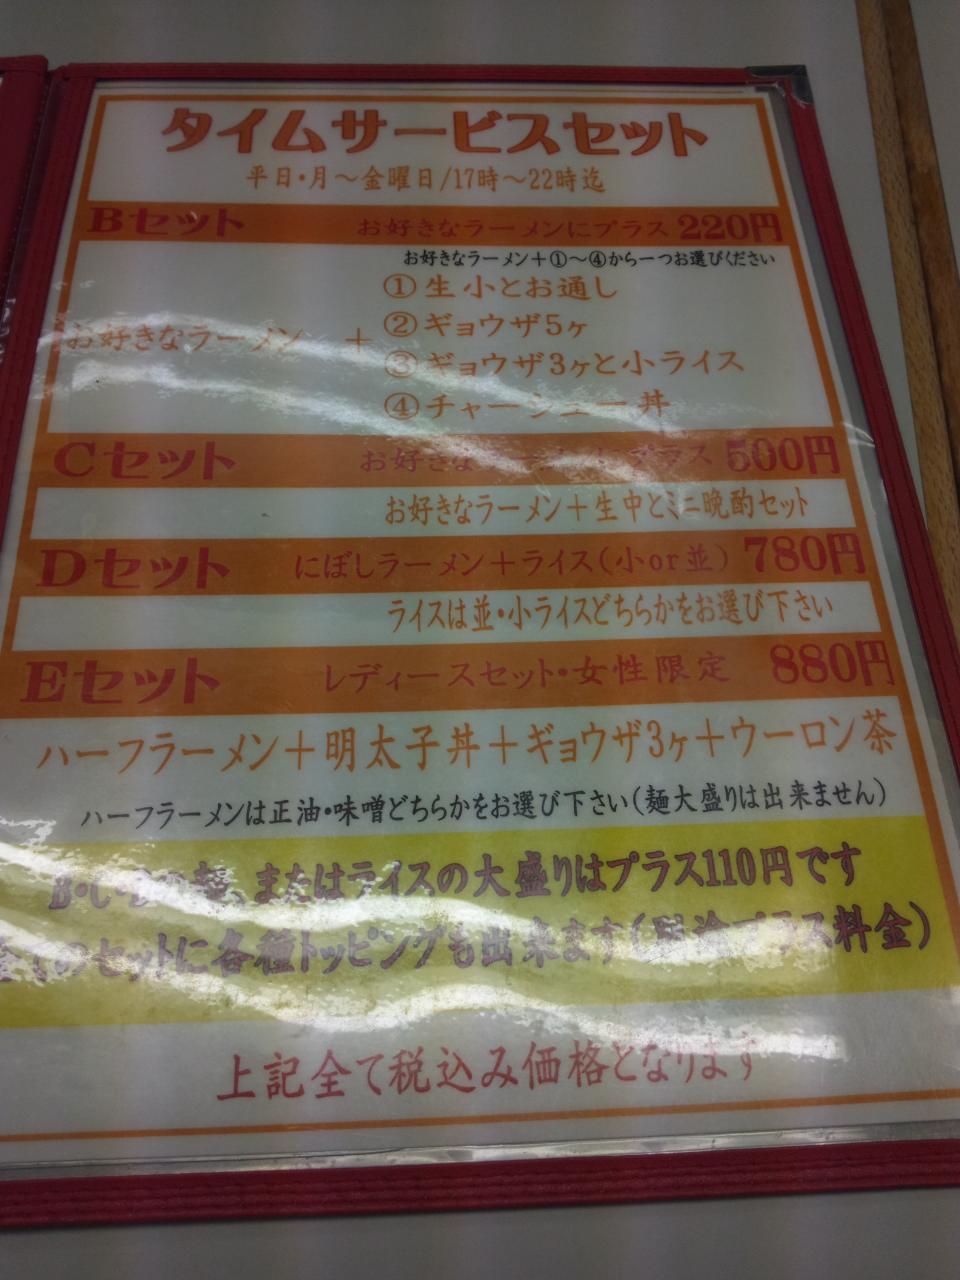 ラーメン ガキ大将 川崎鷺沼店(メニュー)